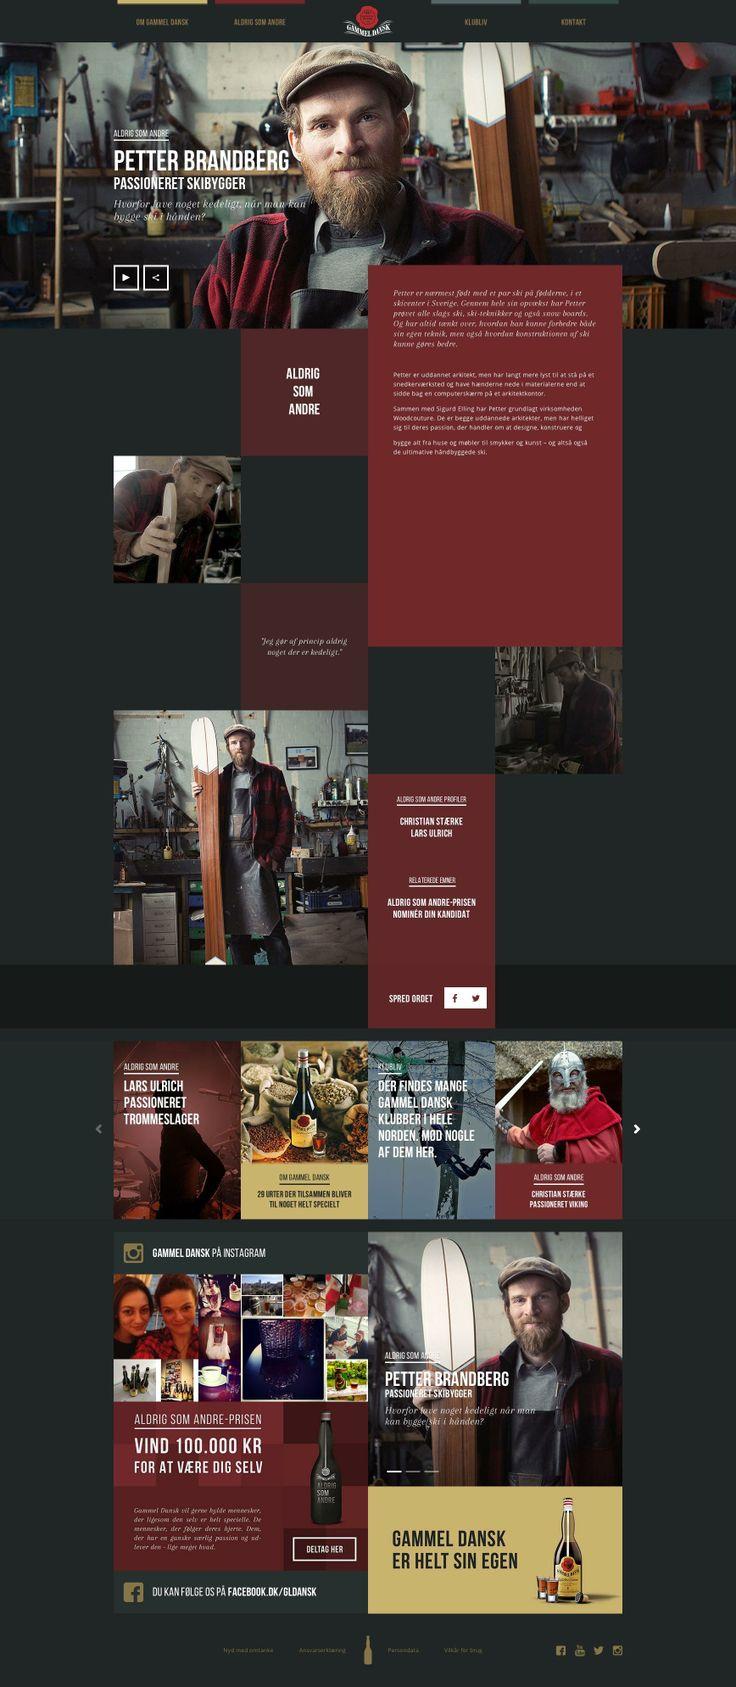 website designs for inspiration